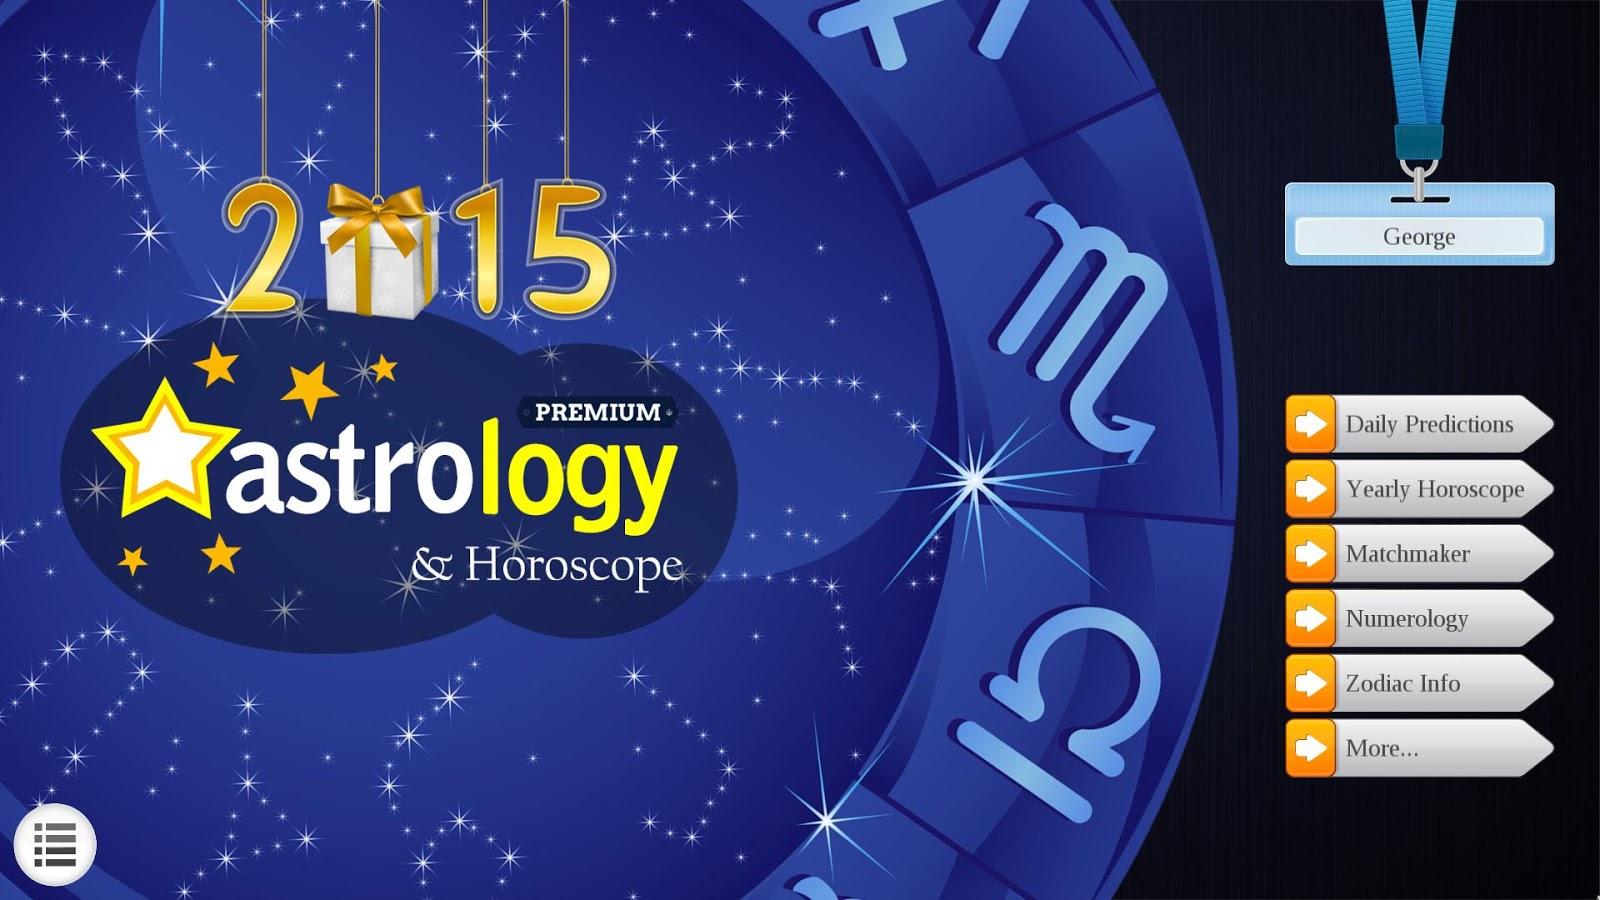 2015 Astrology & Horoscope Lt - στιγμιότυπο οθόνης